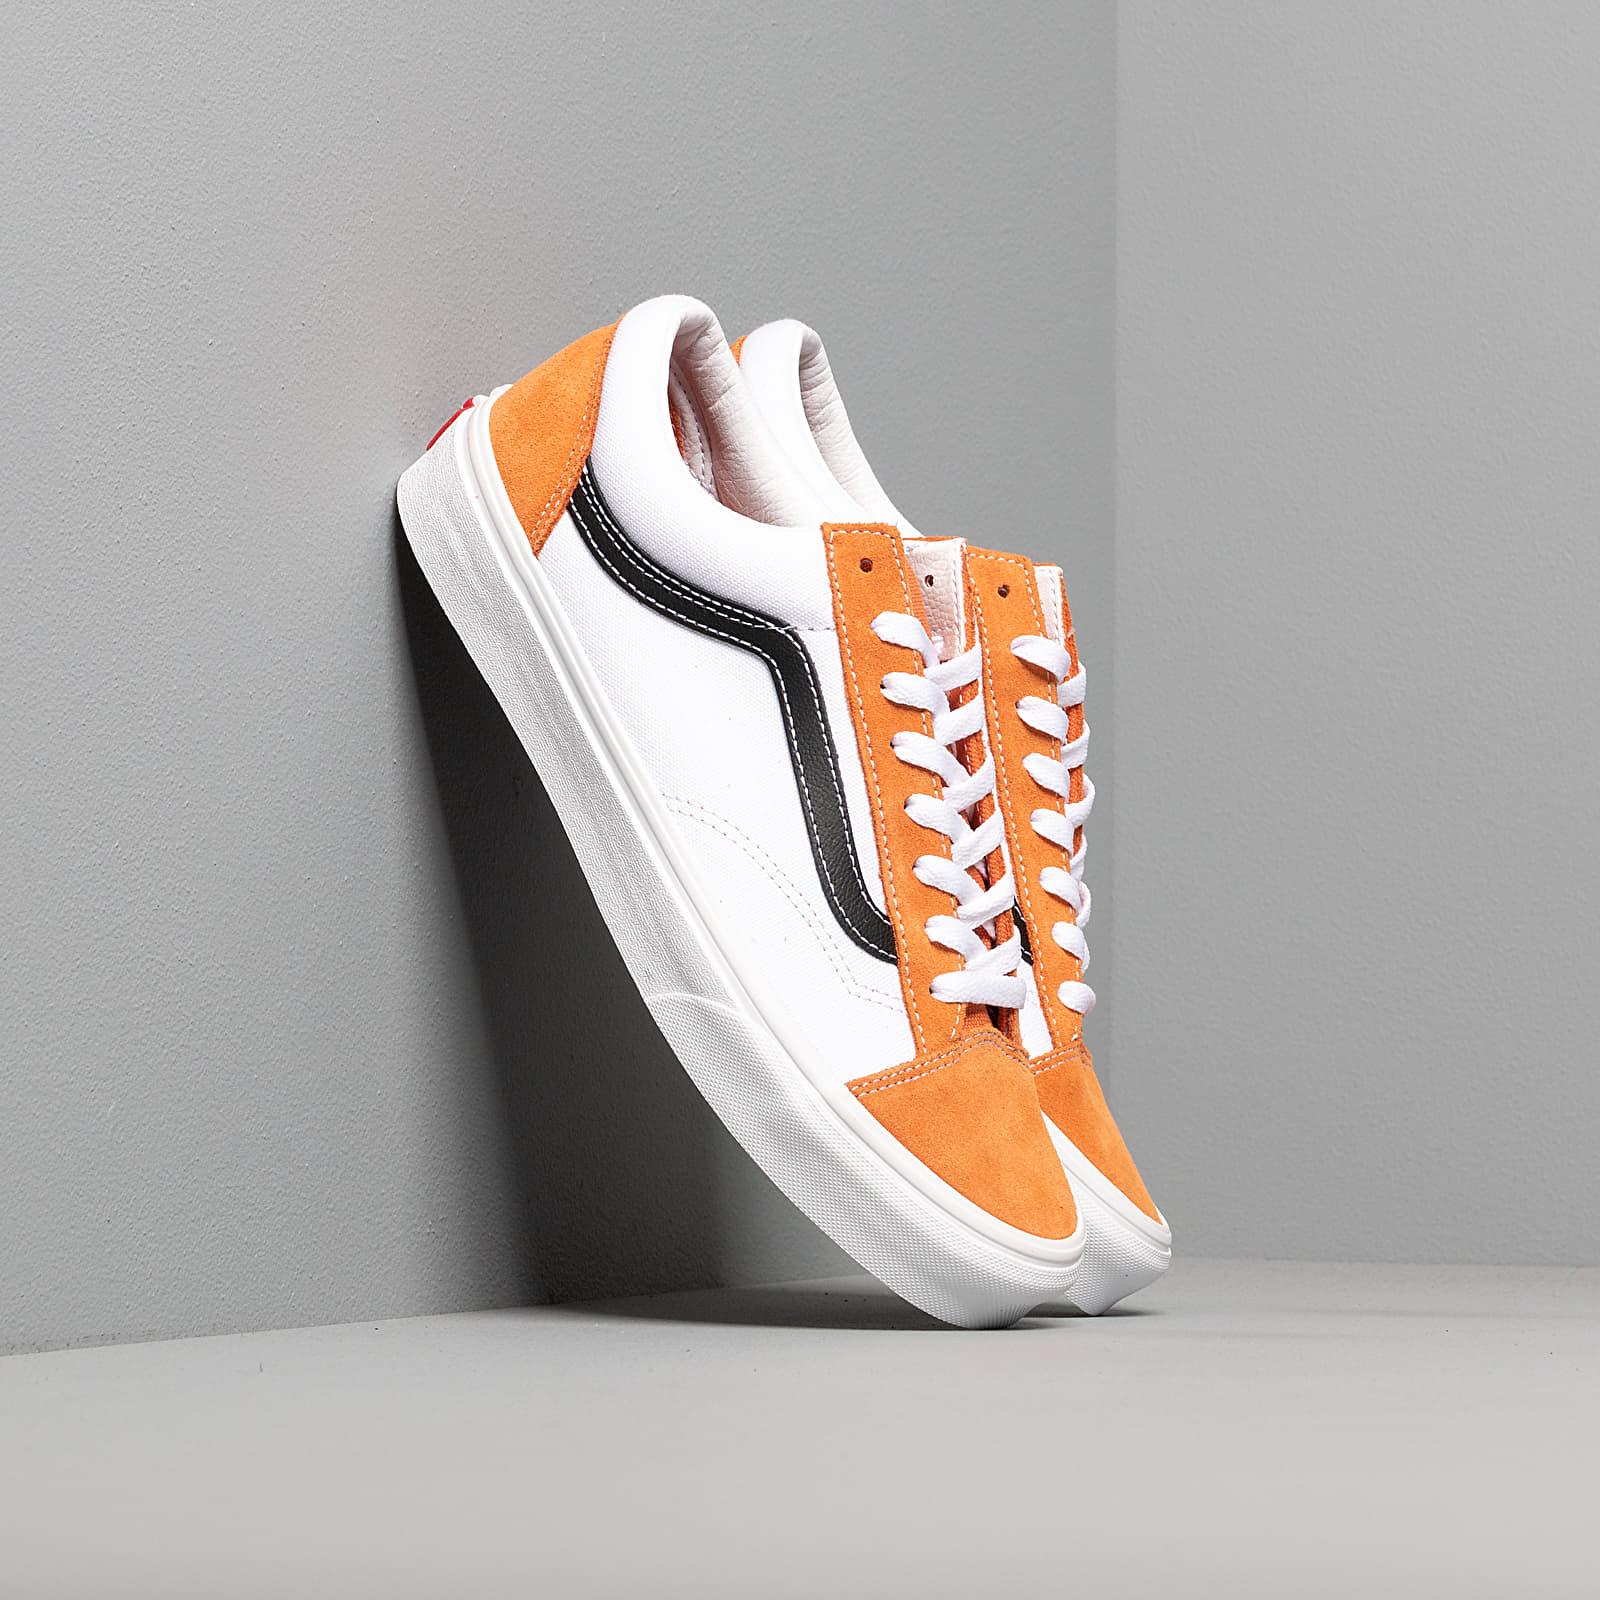 Men's shoes Vans Style 36 (Retro Sport) Apricot/ White